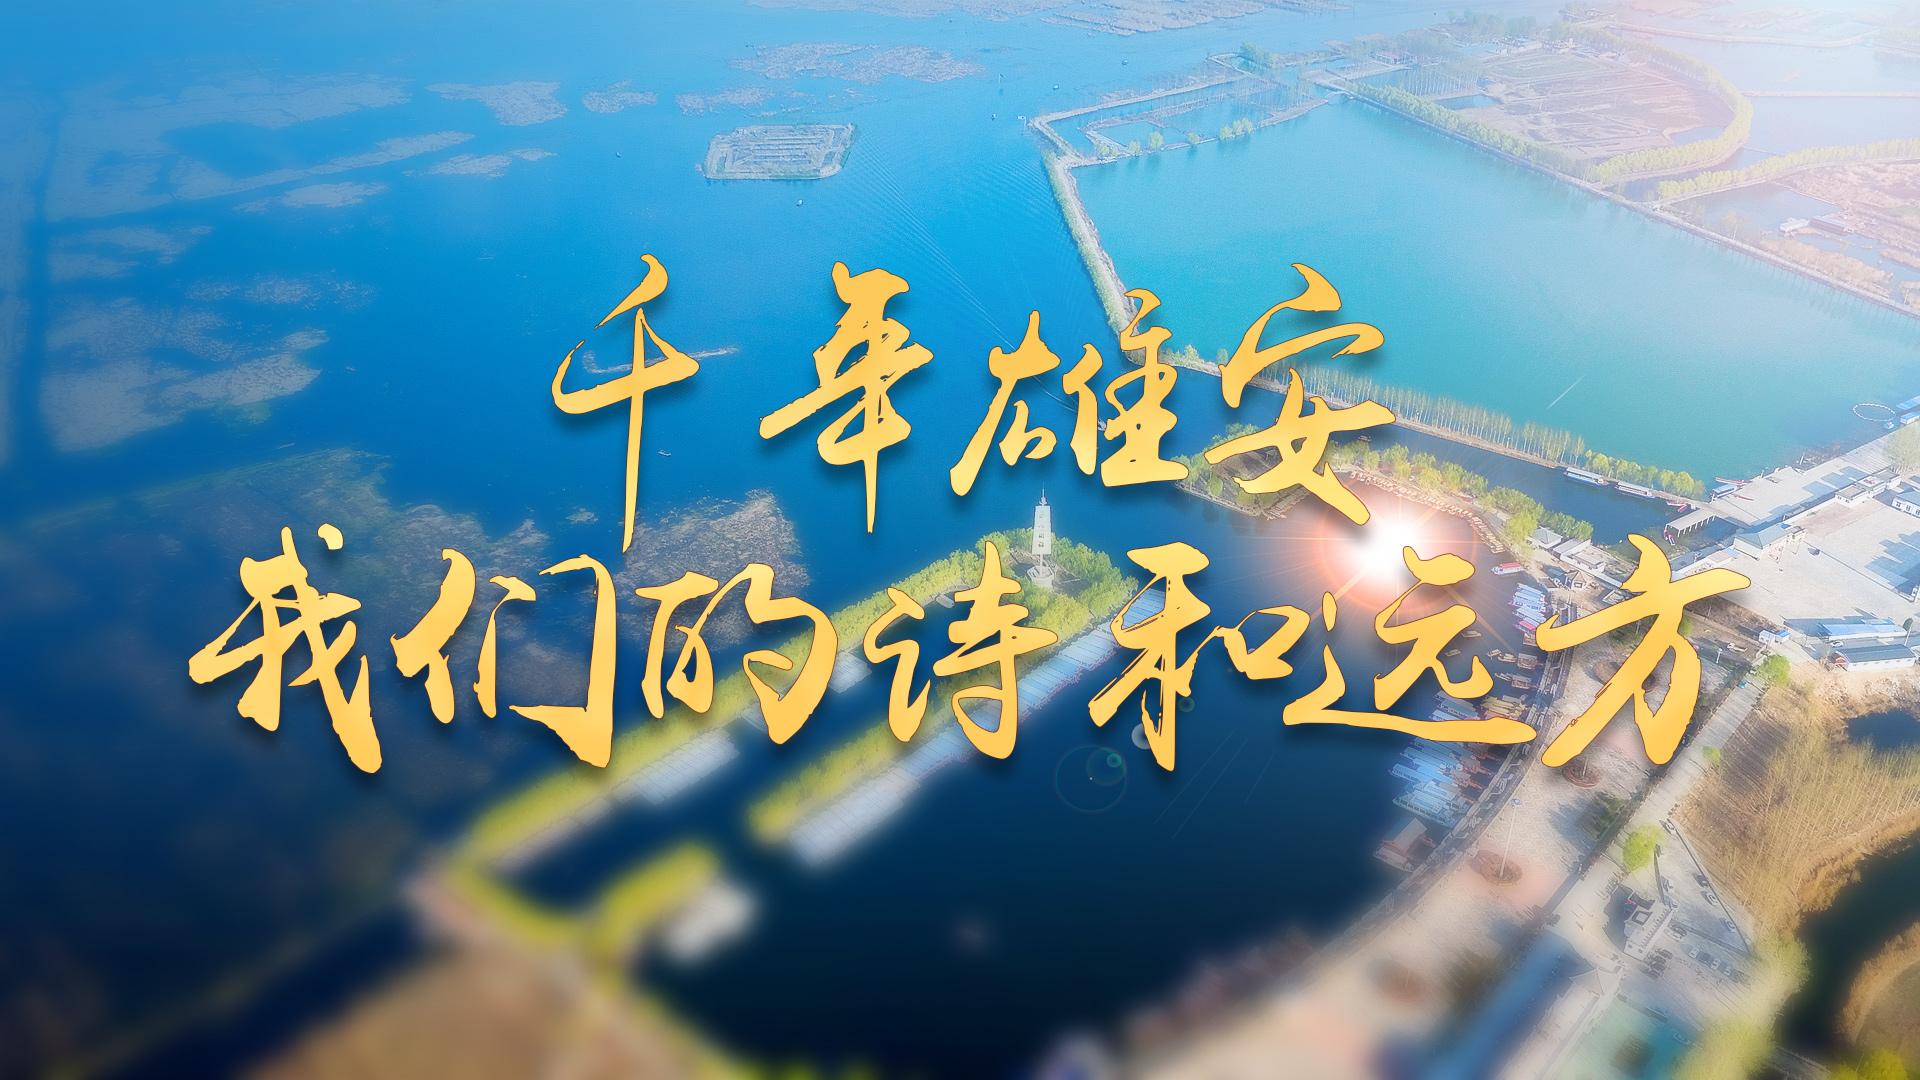 千年雄安:我们的诗和远方